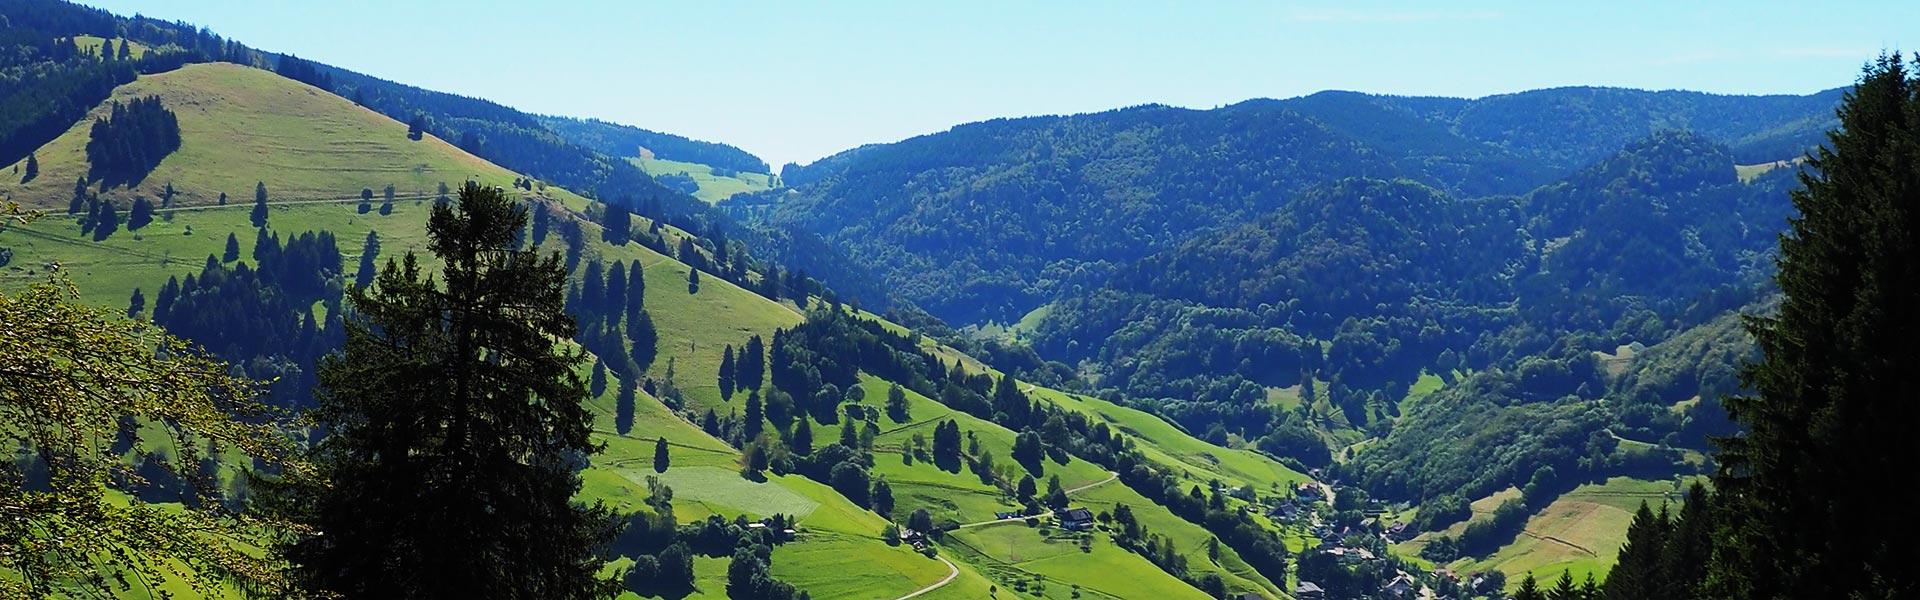 SCHWARZWALD CLT MassiveHolzbauelemente aus Staufen - Ansicht Münstertal